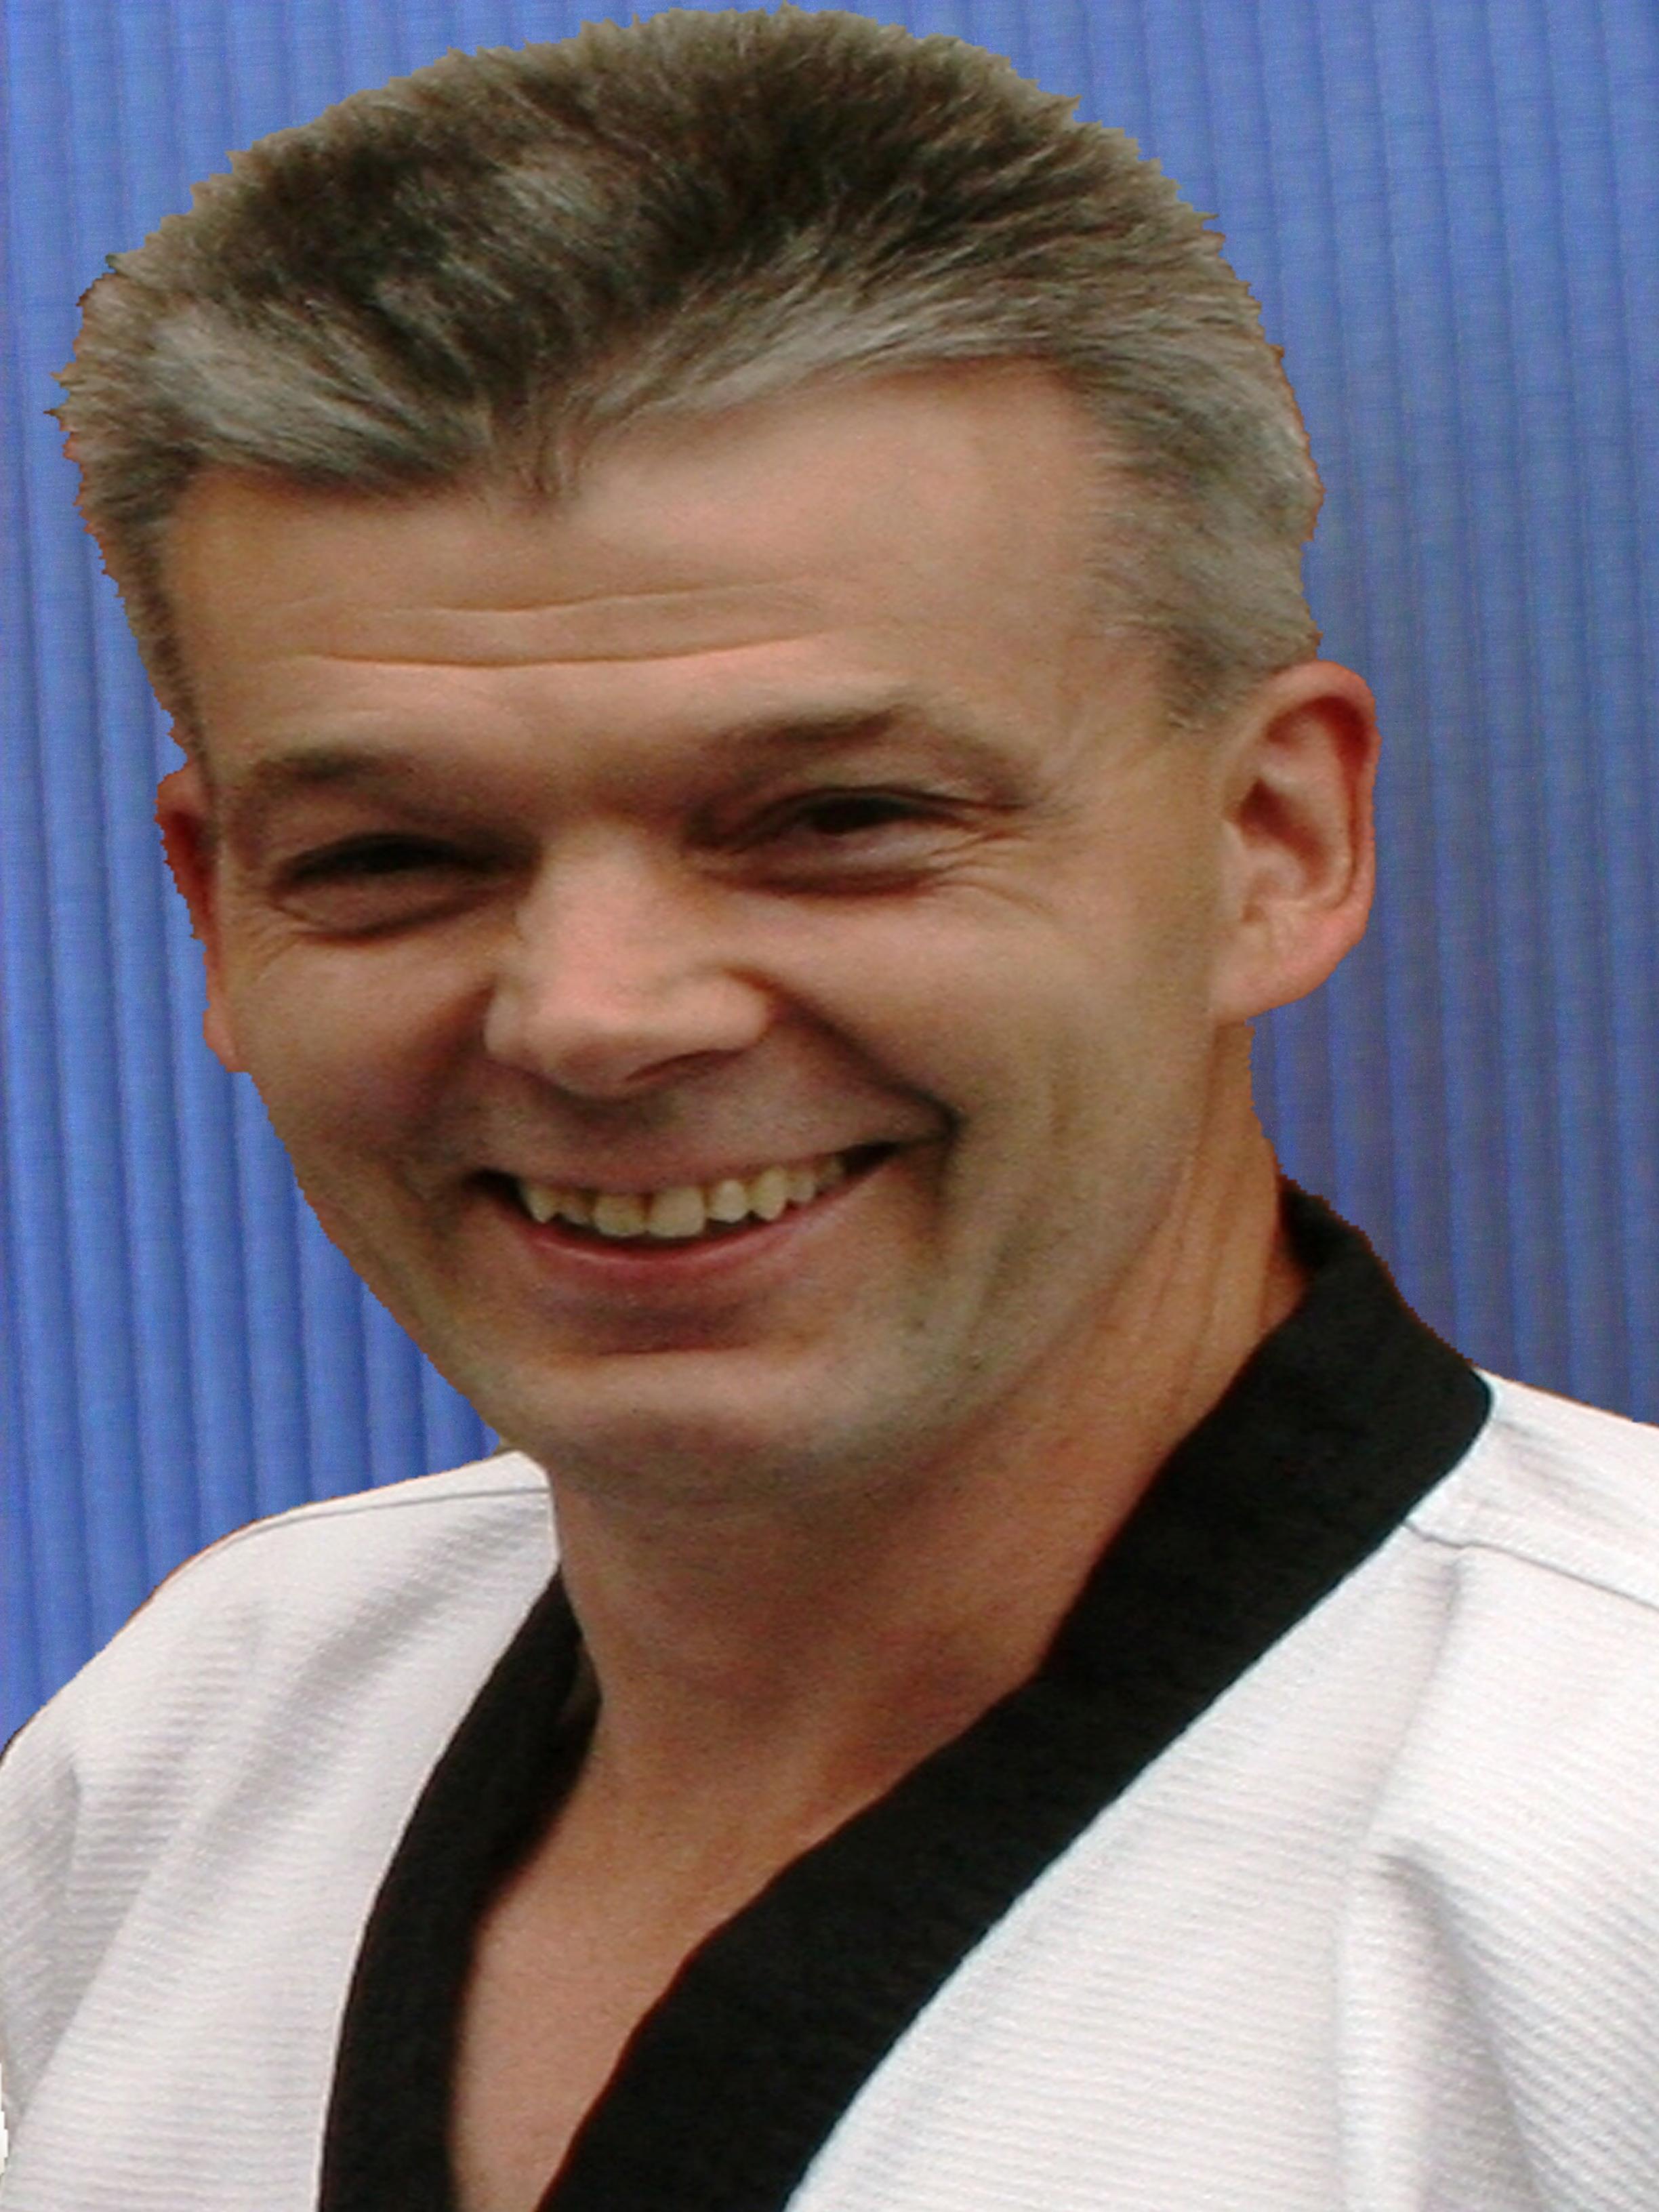 Wolfgang Lange Net Worth